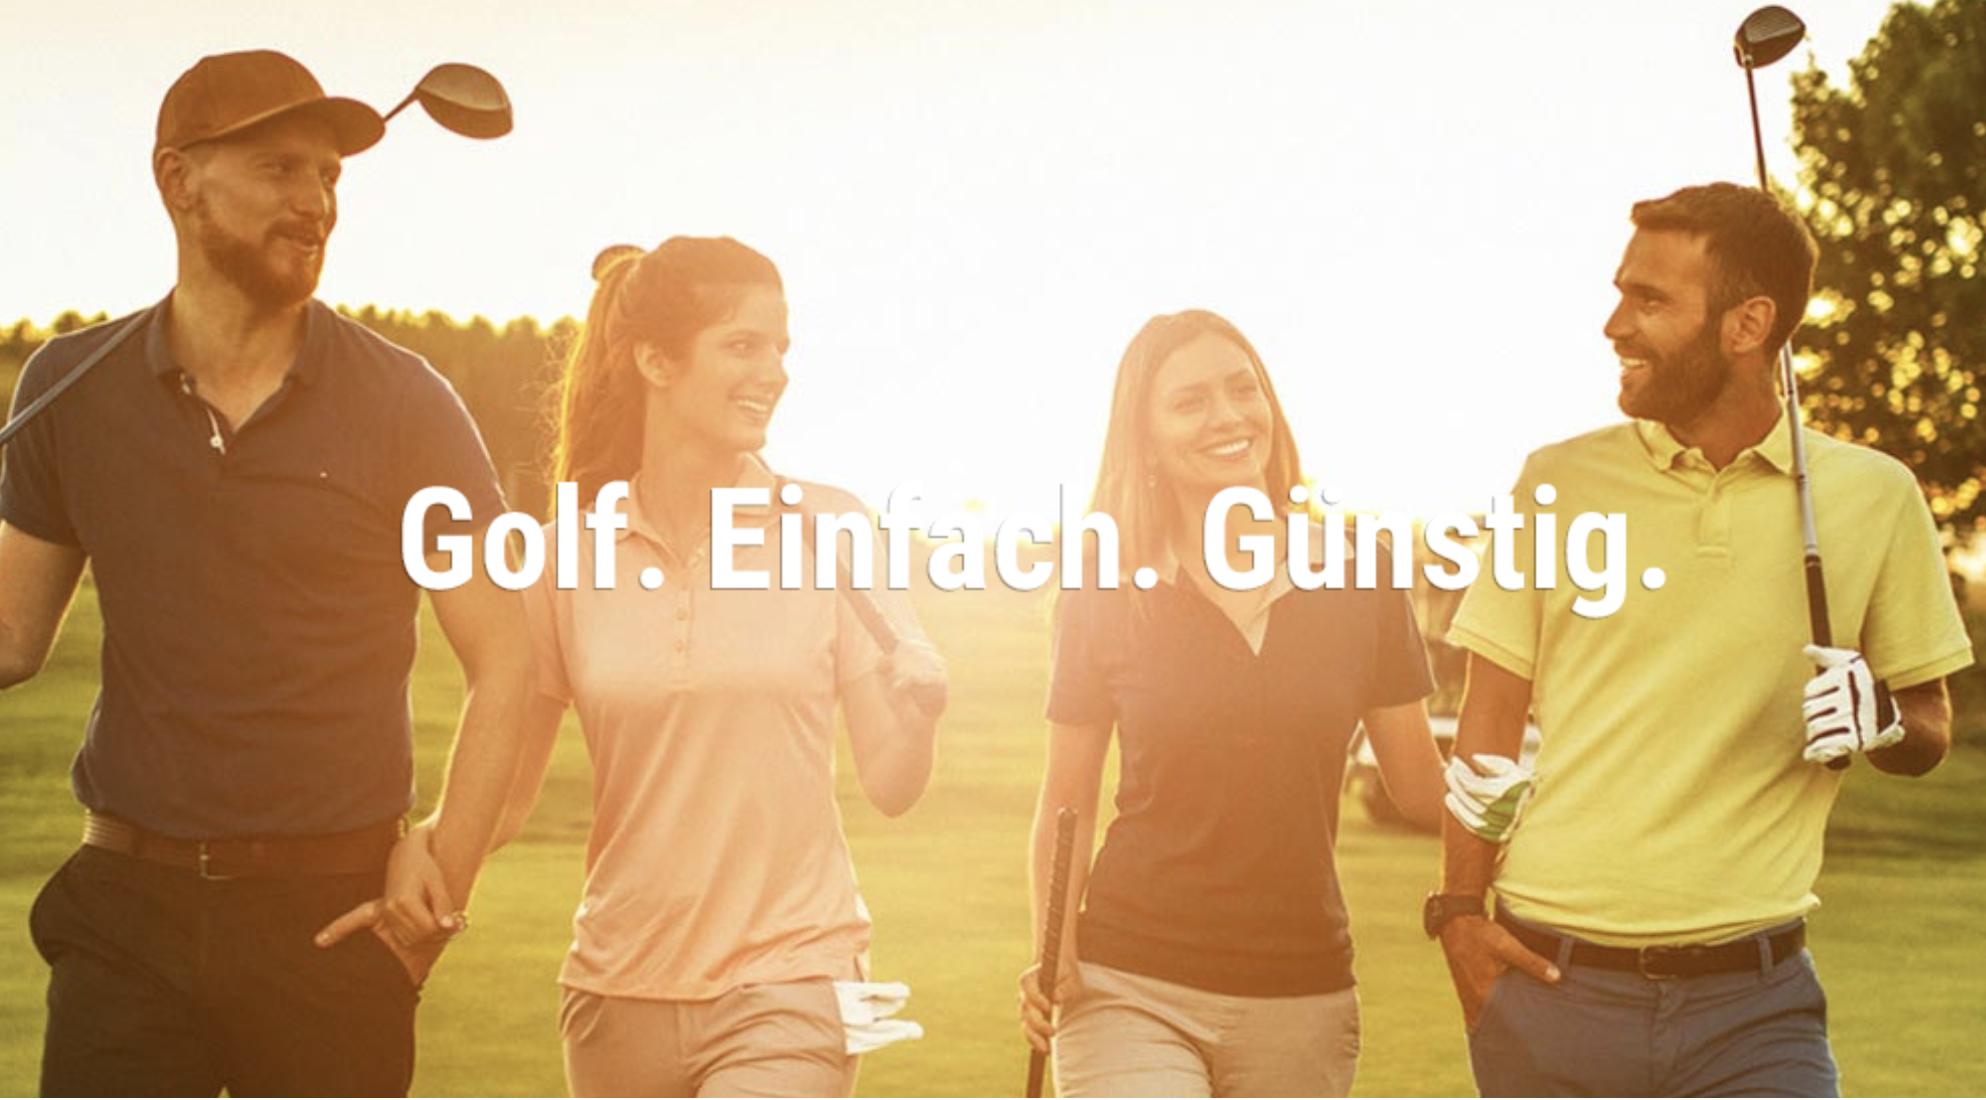 Exklusives Angebot für Maxpool-Makler:                  Golf Jahresmitgliedschaft   ab 42,00 €